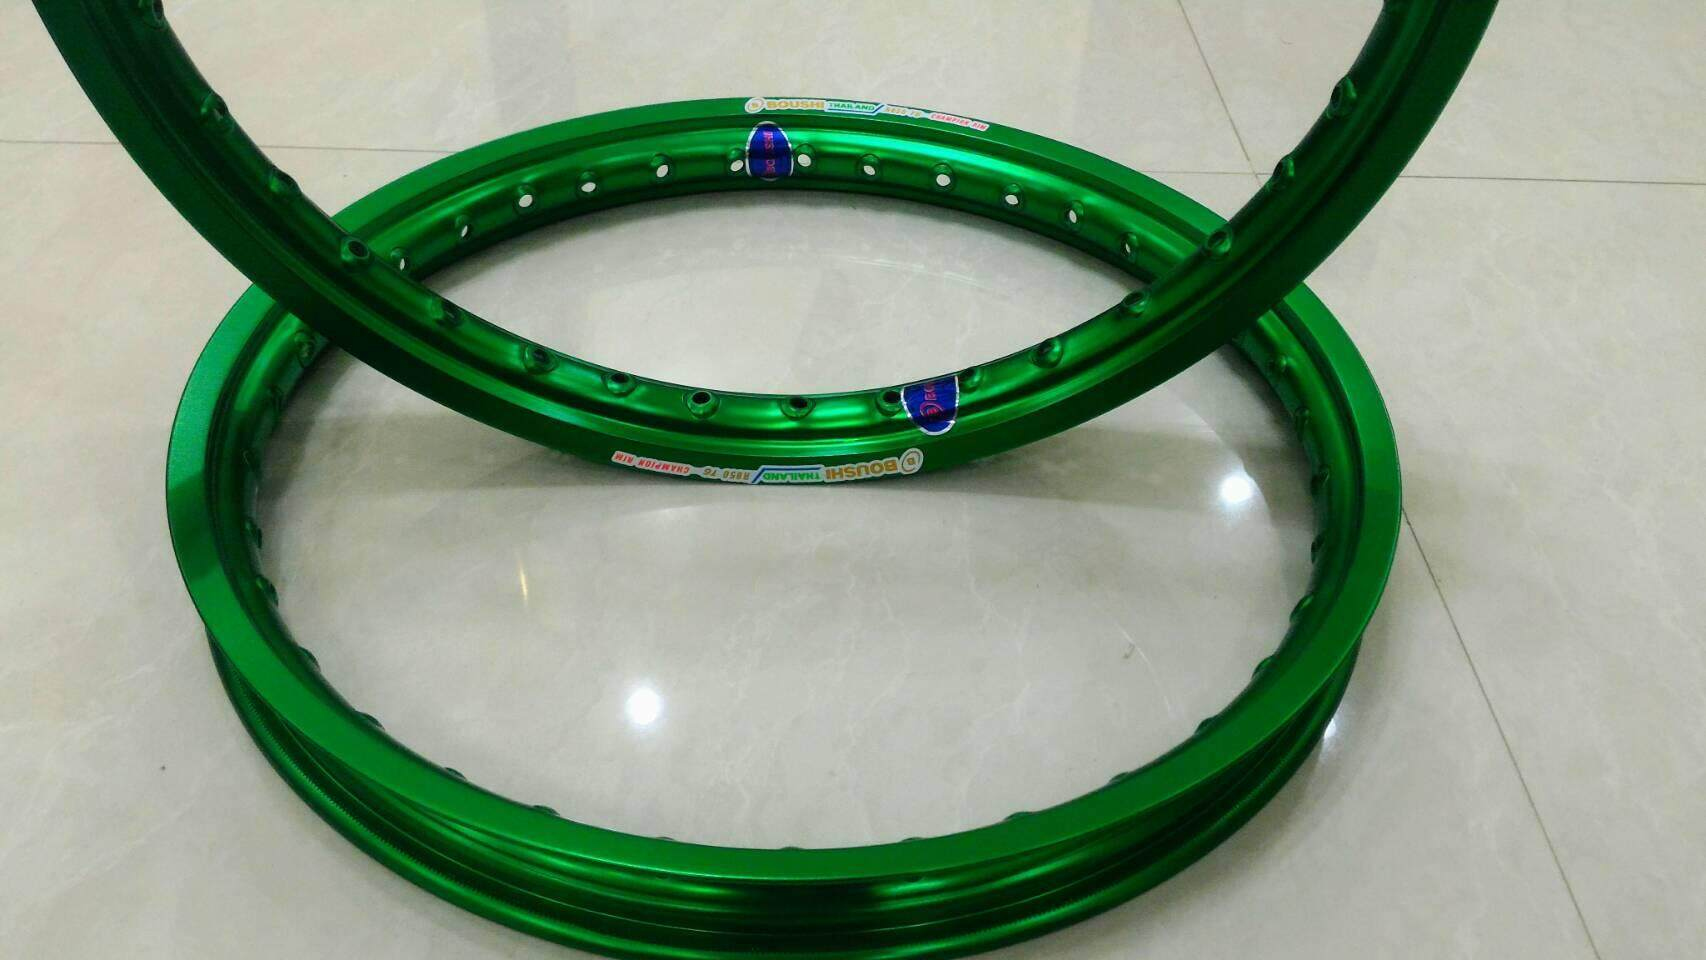 ขอบล้อสีเขียวเข้ม Boushi Thailand Champion Rim สวยทน ขนาดขอบล้อ 1.40x17 ใส่กับรถมอเตอร์ไซค์ได้ทุกรุ่น(ส่งฟรีจ้า) By Itonline.